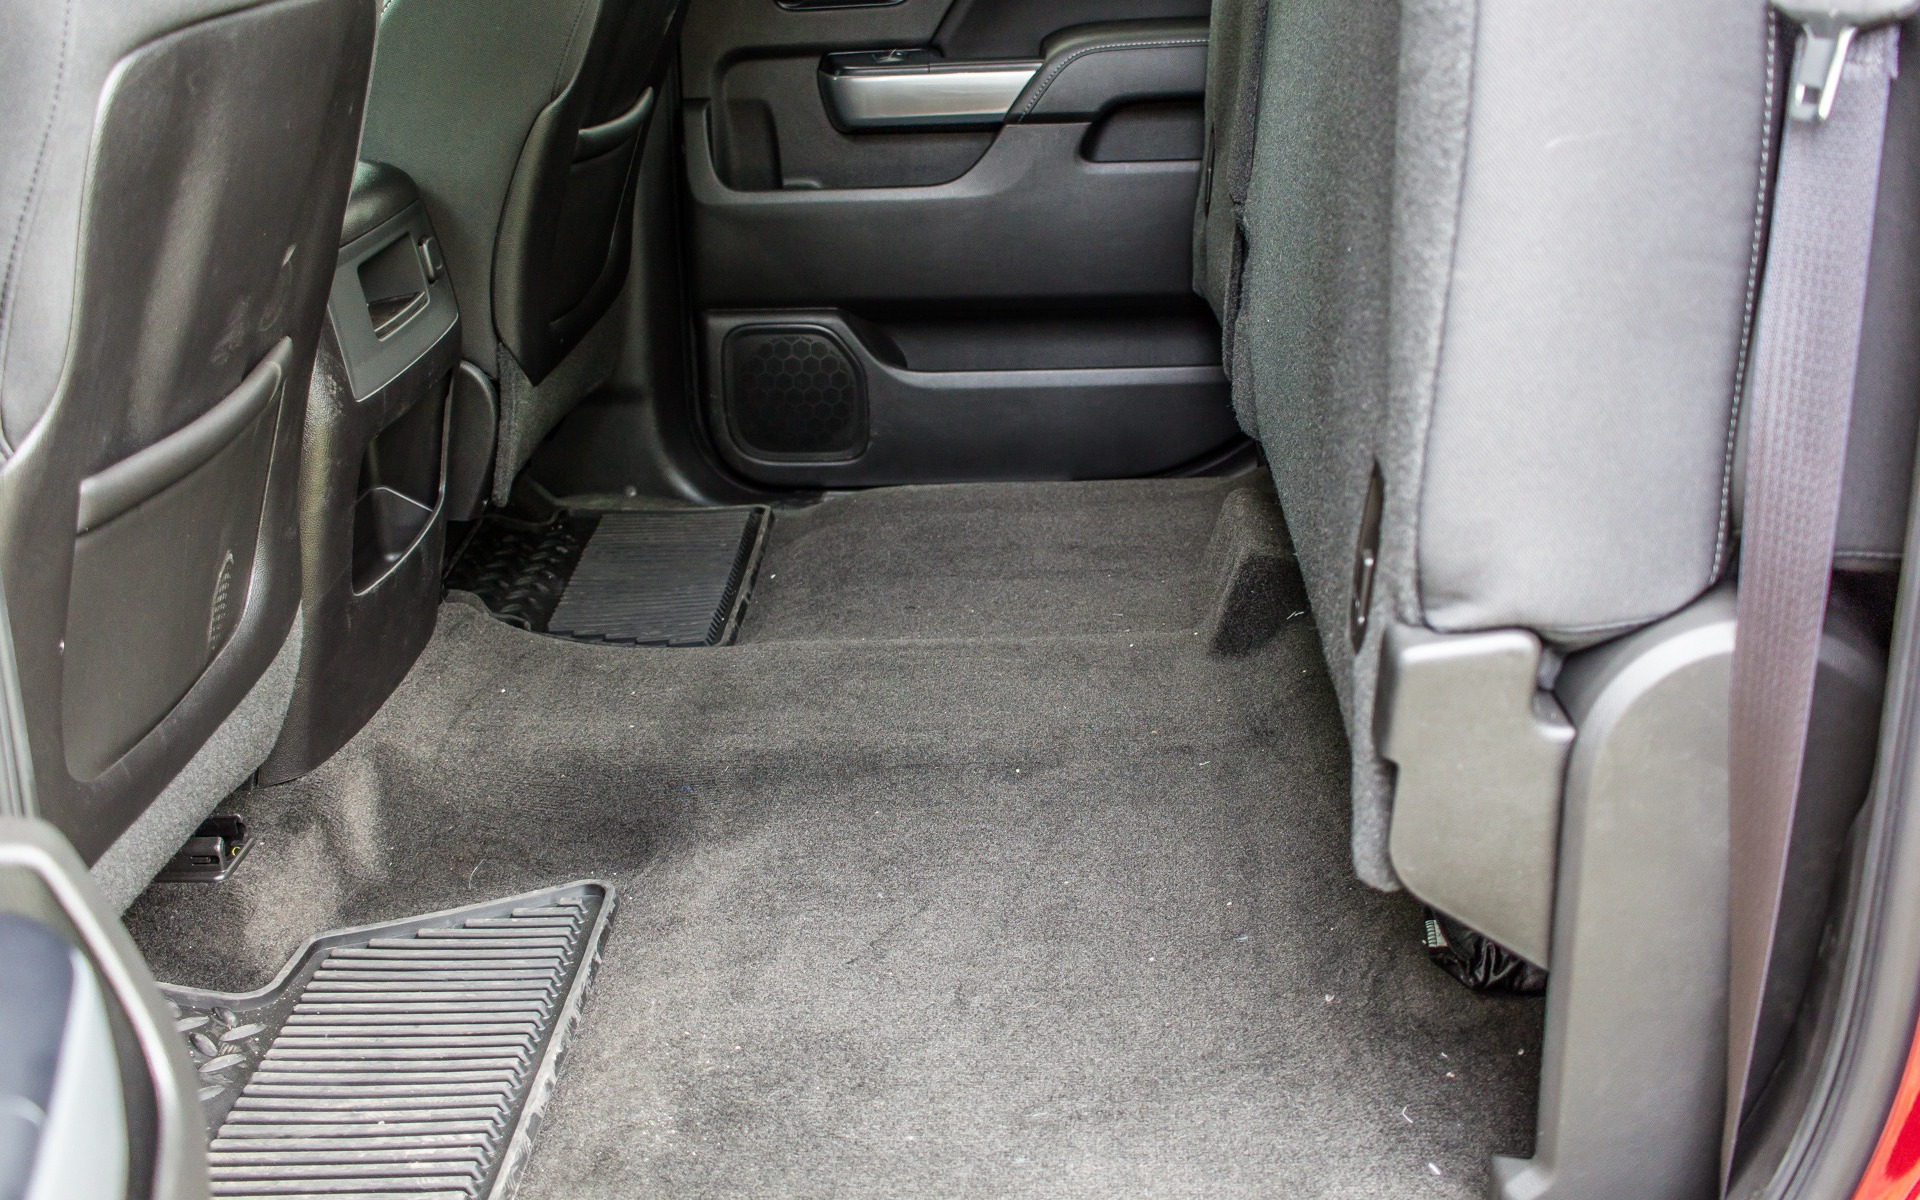 Les sièges arrière se relèvent pour augmenter l'espace de chargement.